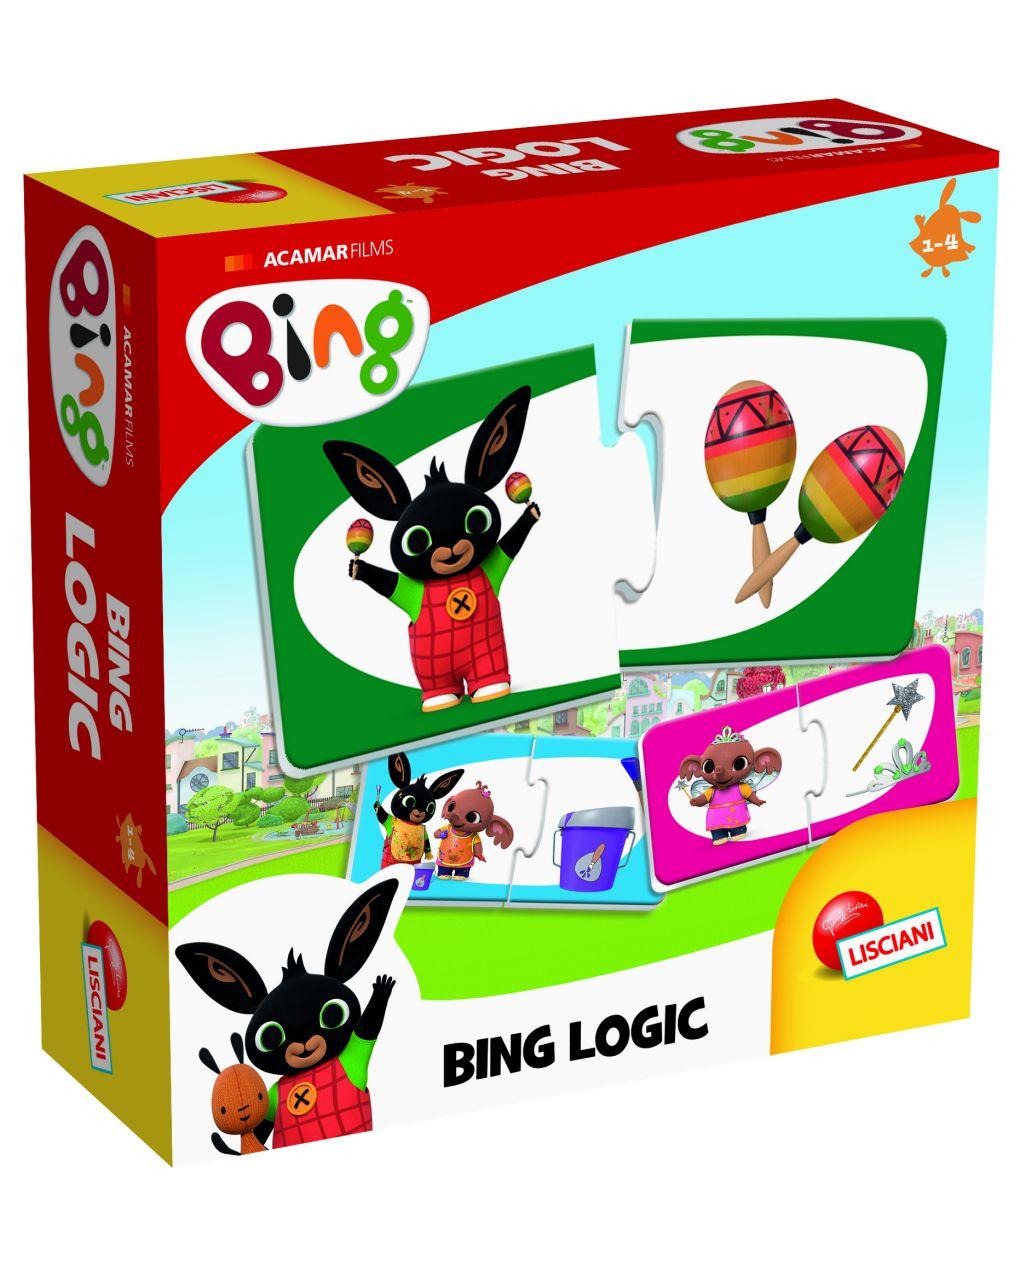 Bing  games - bing logic - Bing